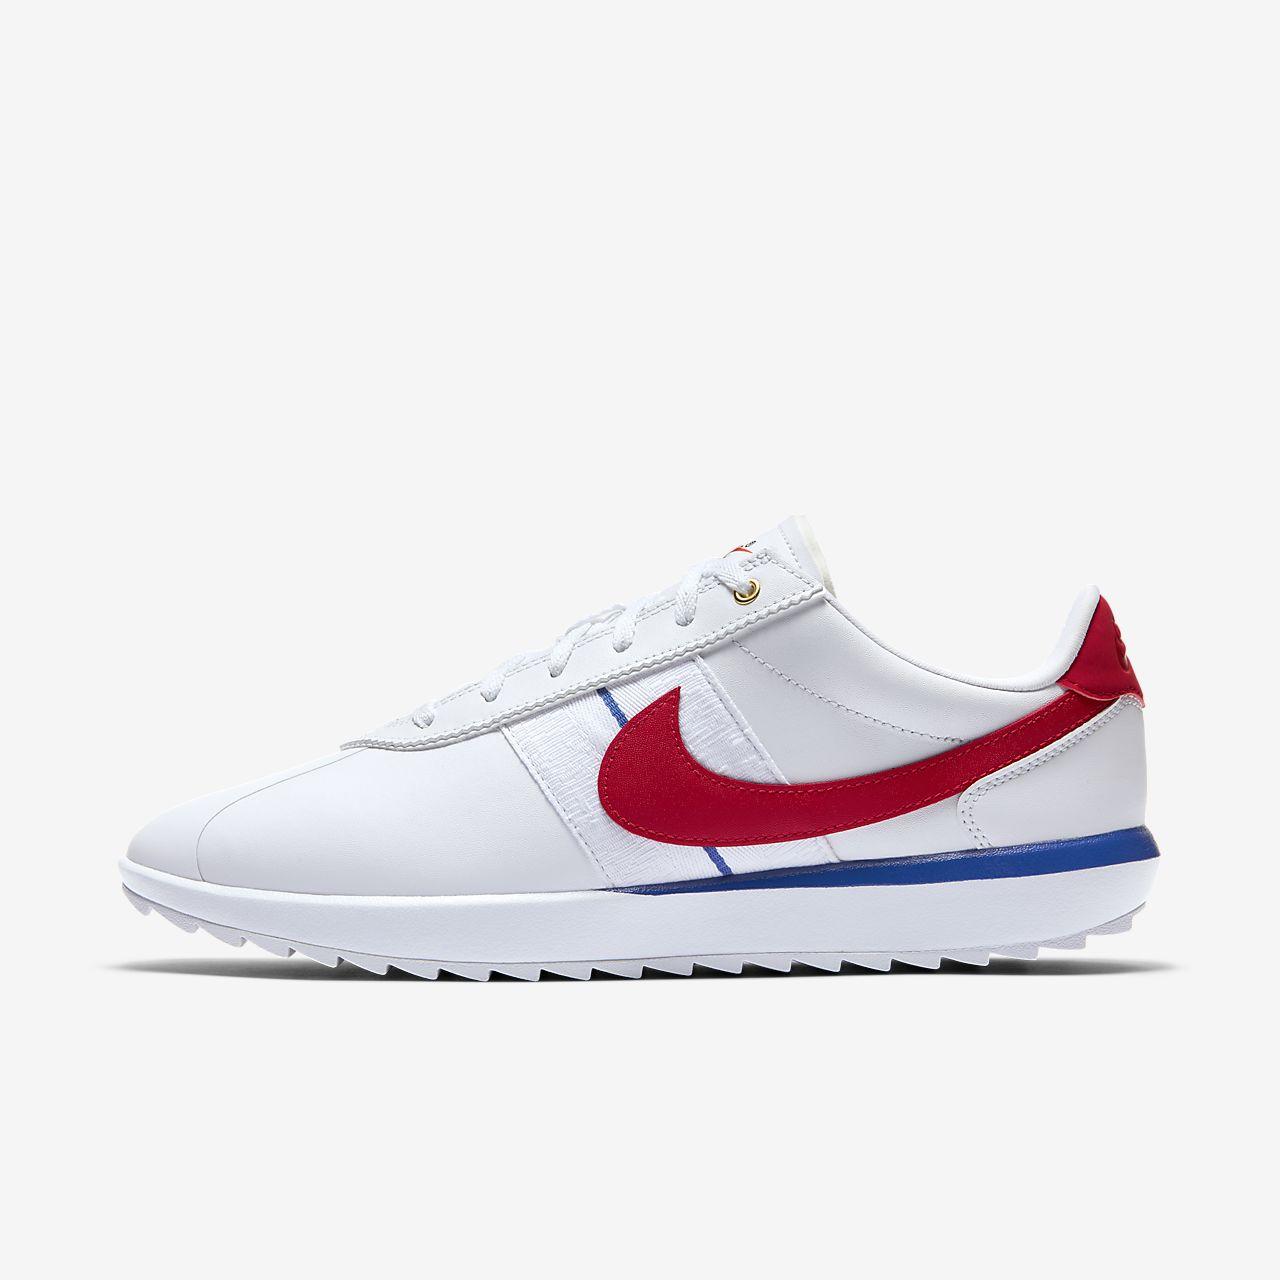 Dámská golfová bota Nike Cortez G